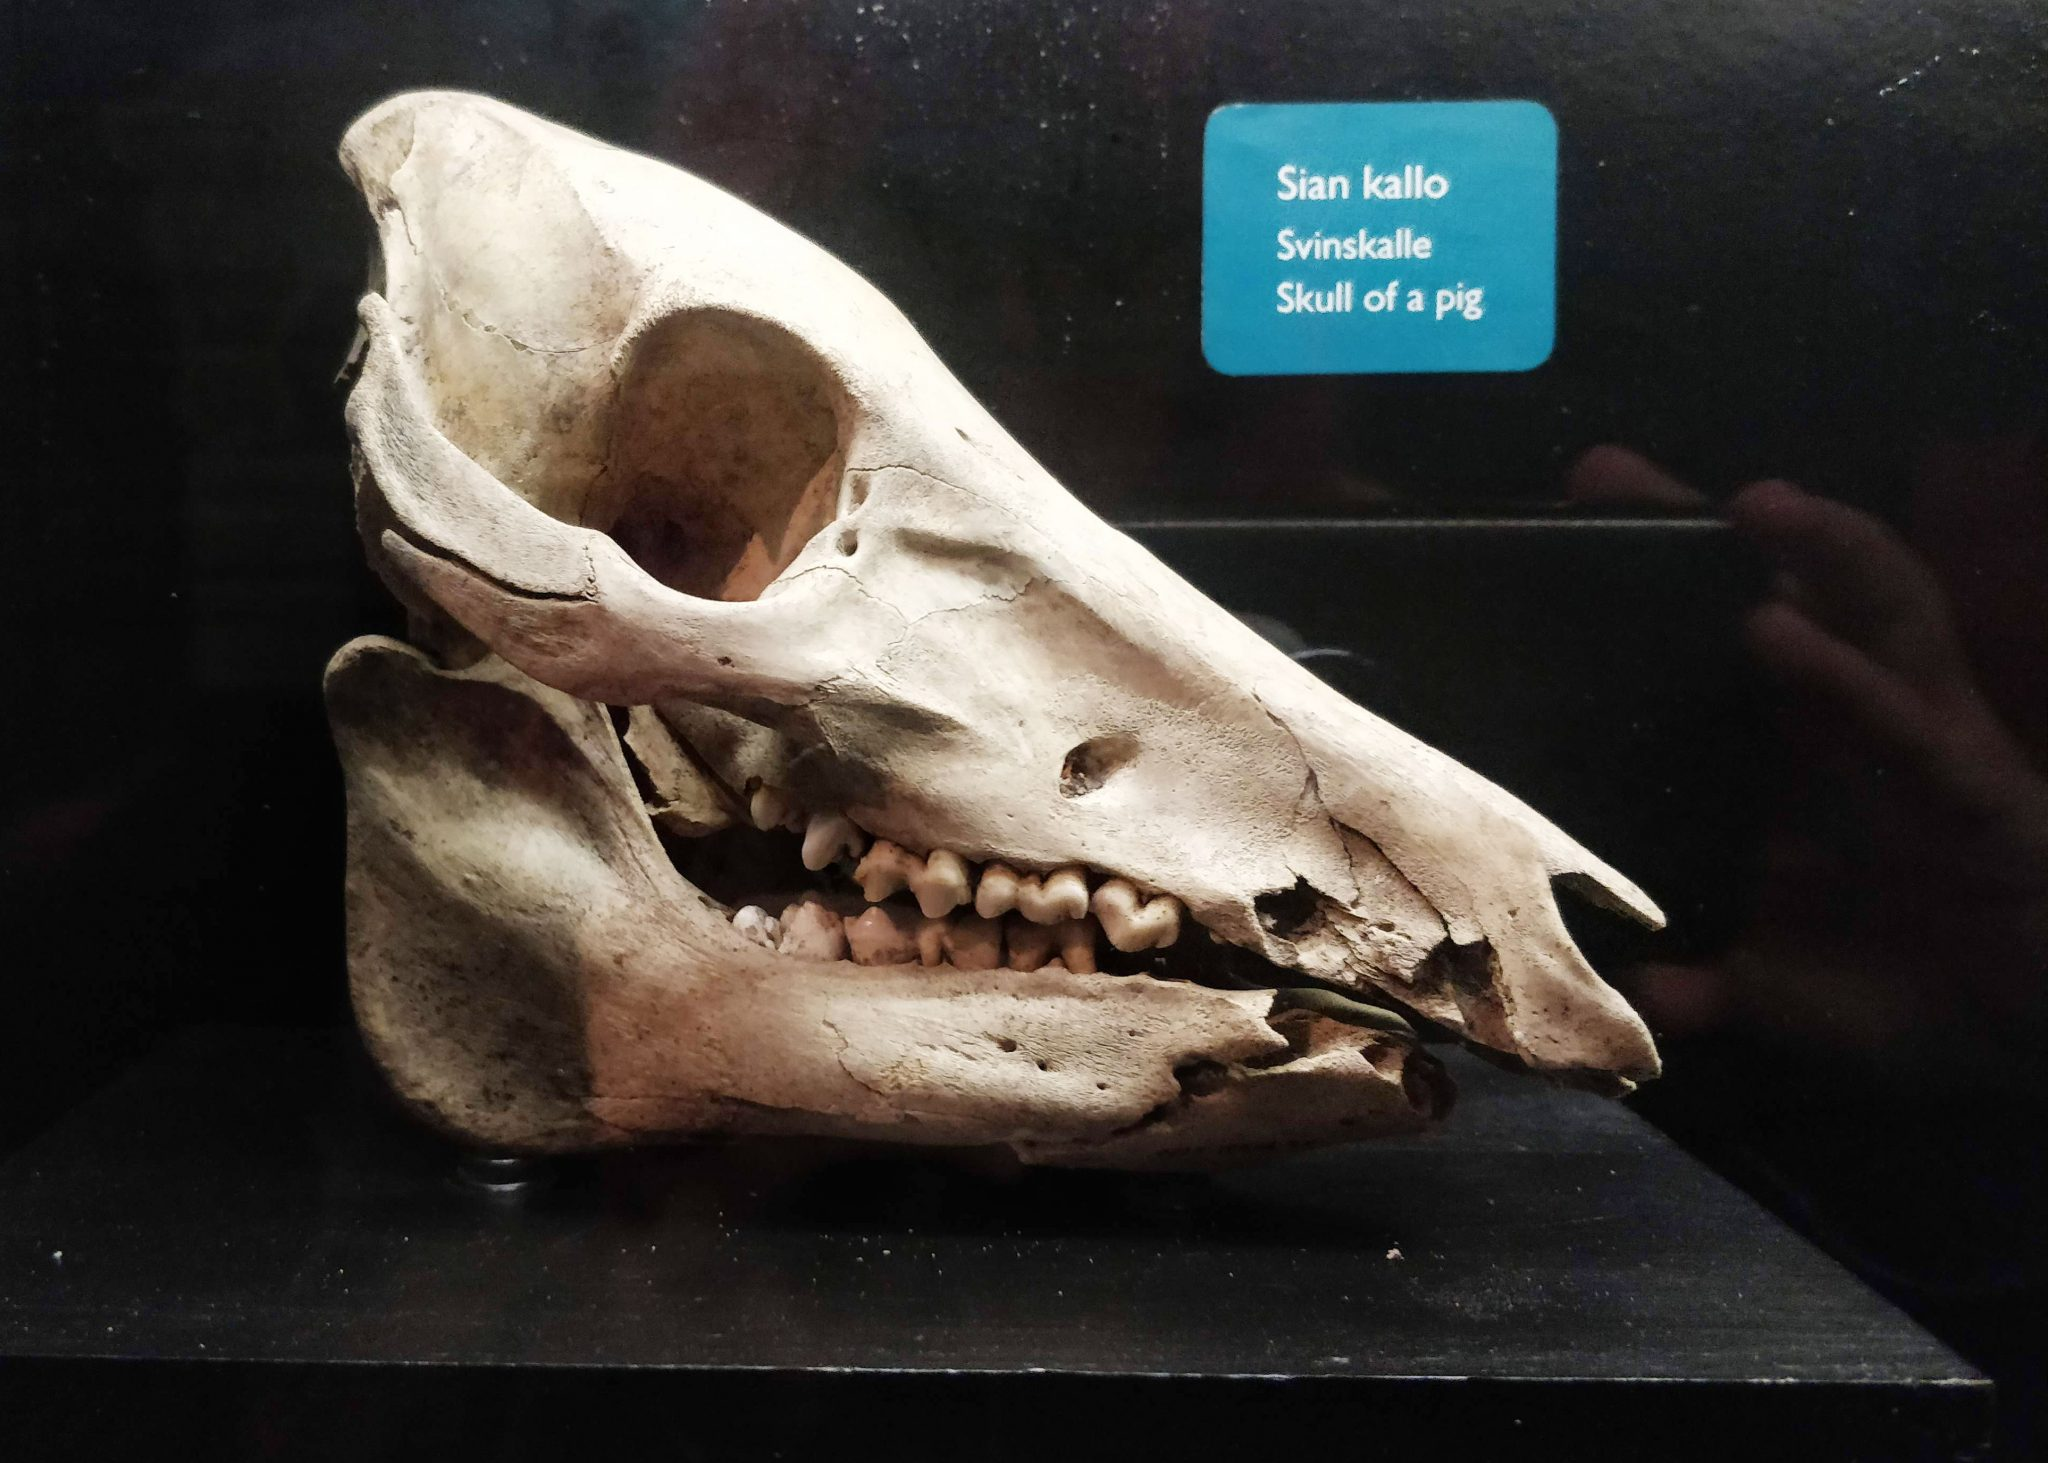 aboa vetuksen luutarha-näyttelyssä esillä oleva sian kallo